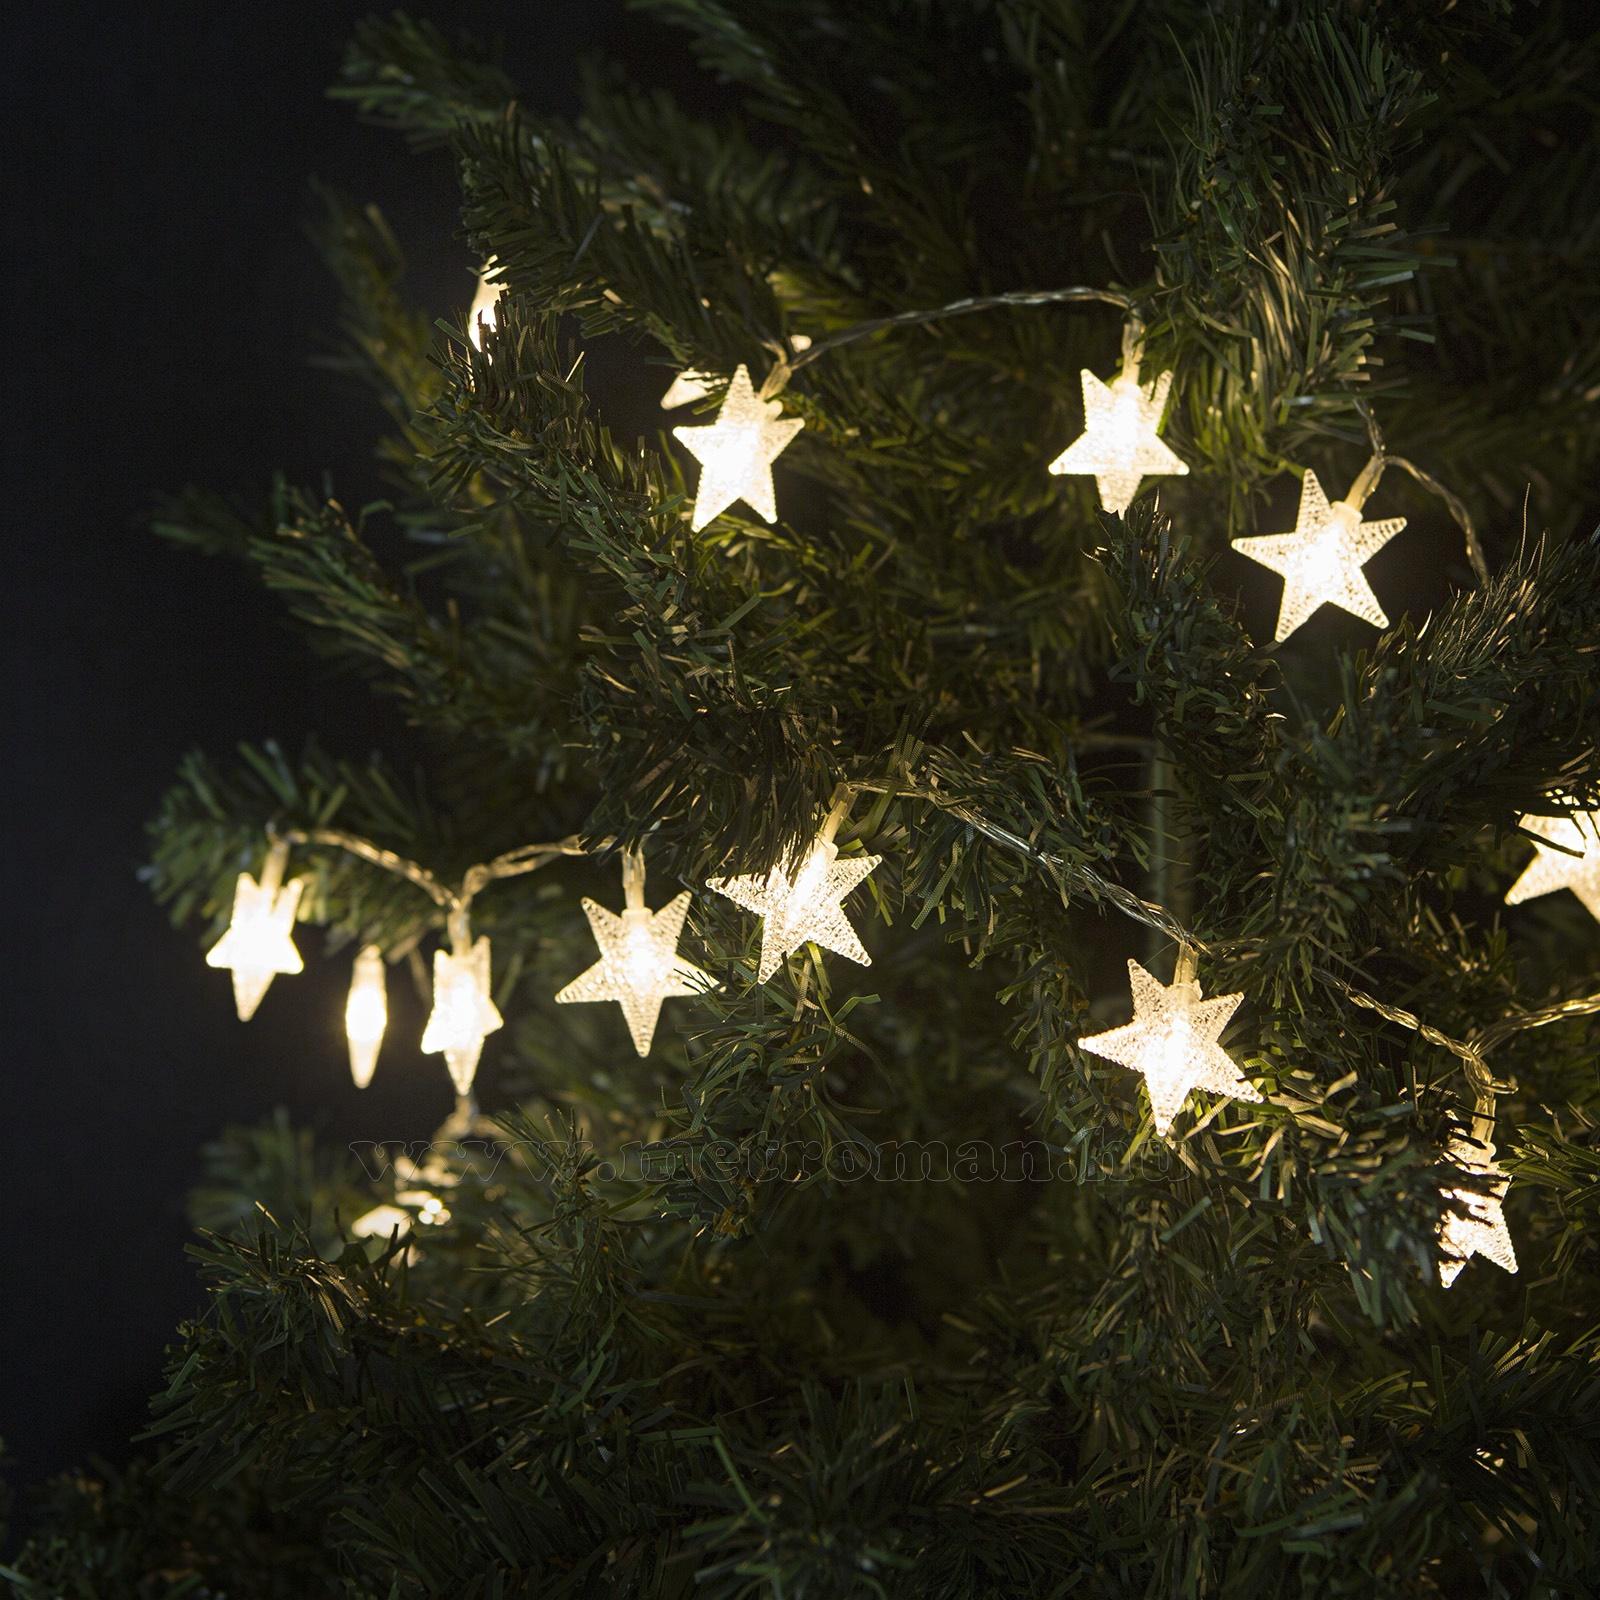 Csillag Karácsonyi LED égősor, Fényfüzér, M55242 Meleg Fehér